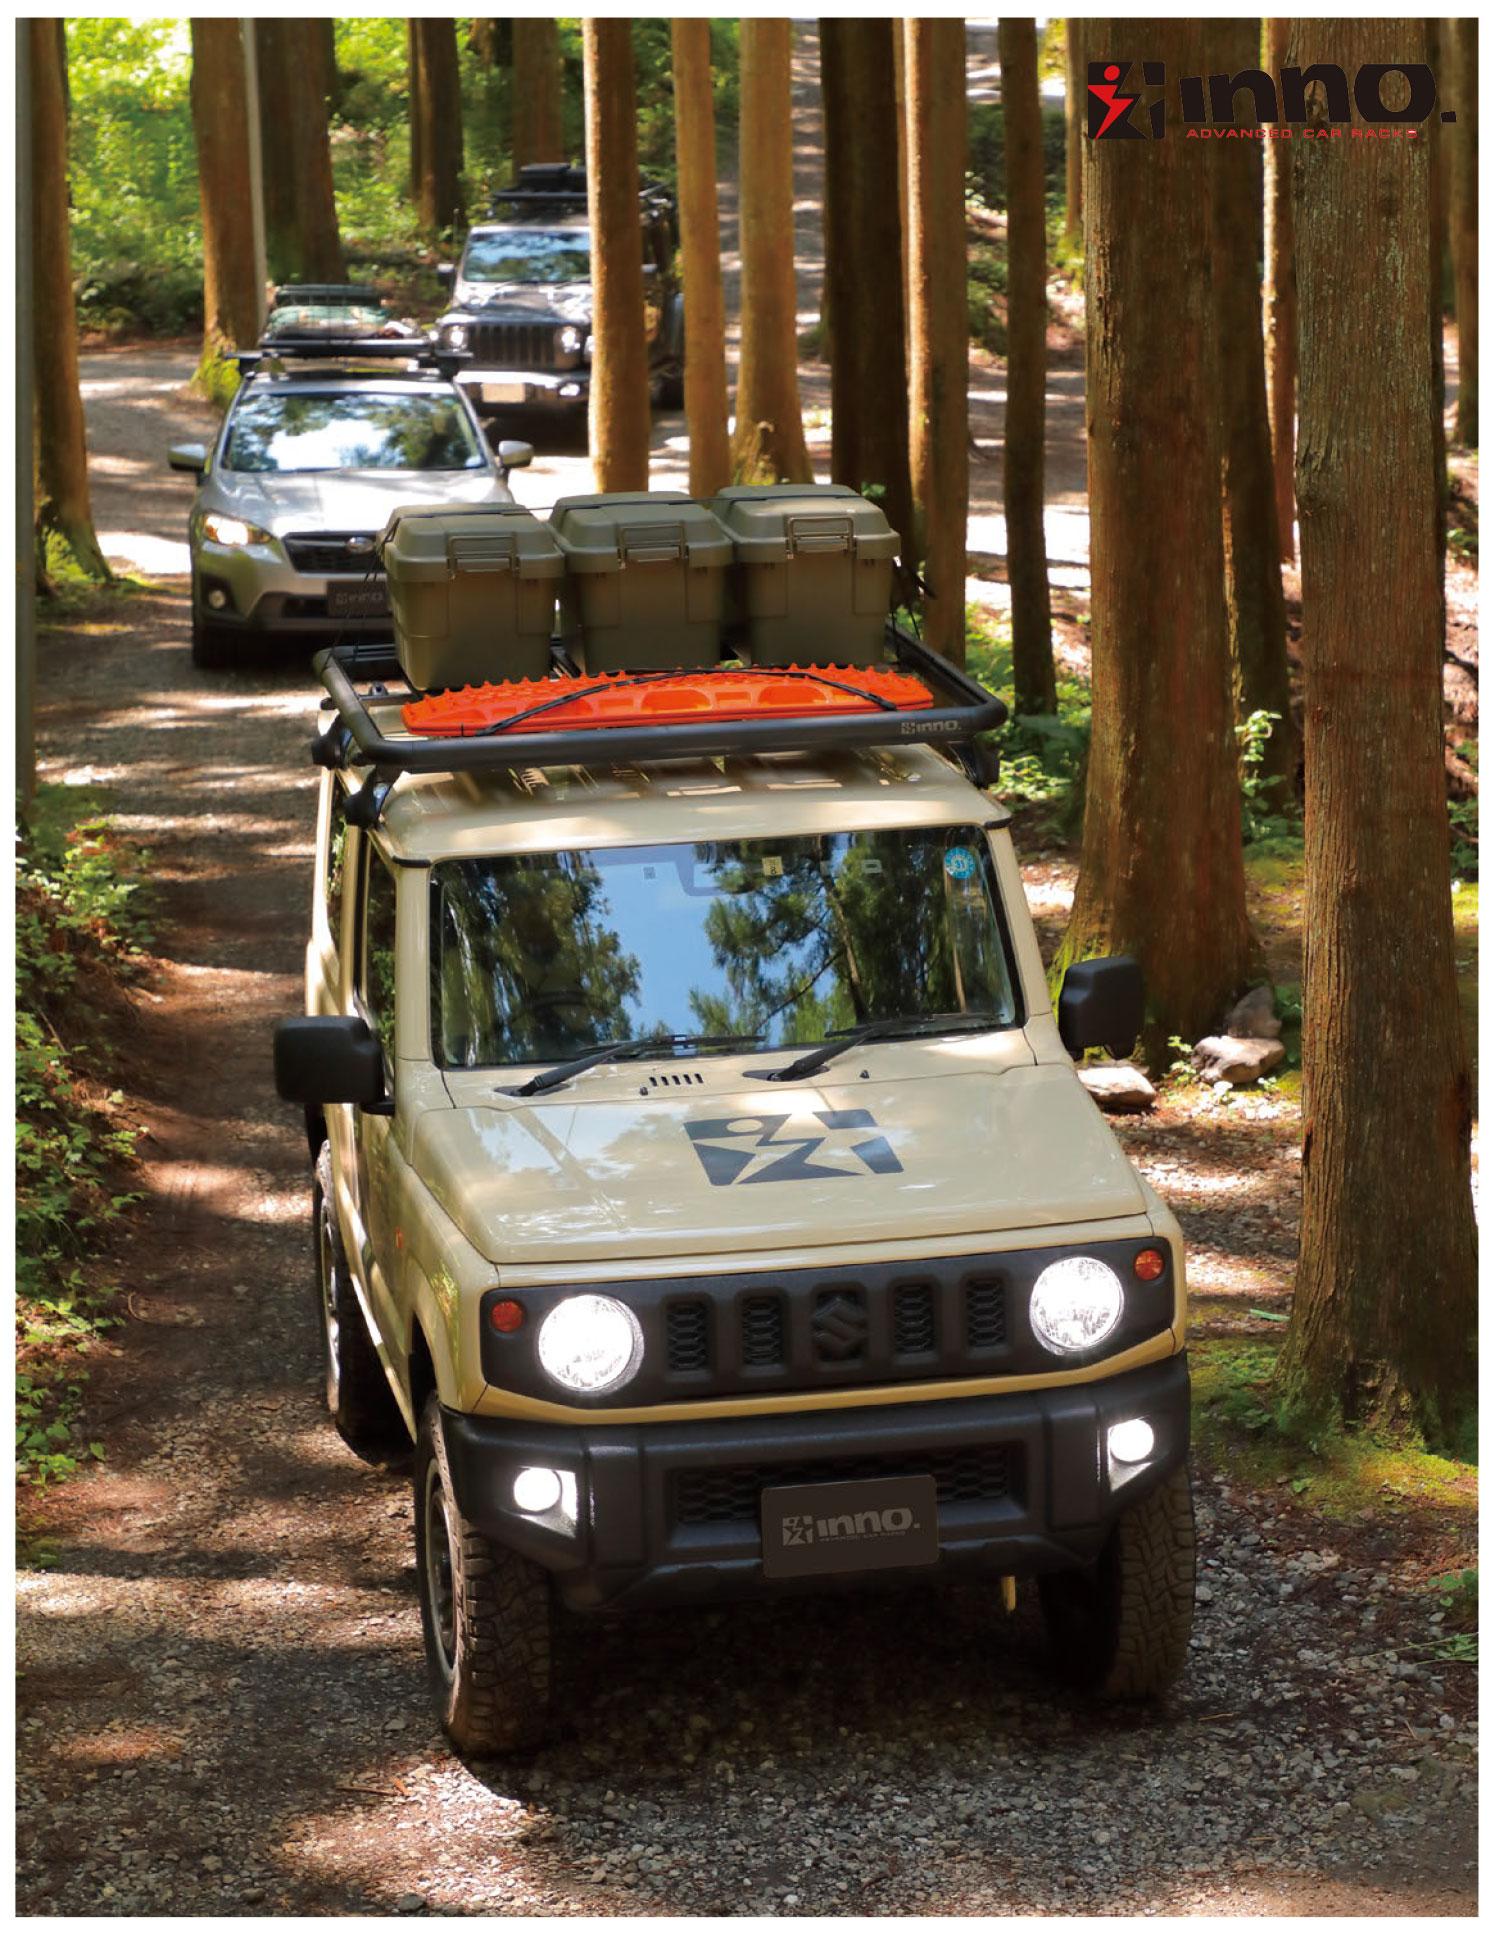 カーメイト イノー ルーフデッキはキャンプの道具を運ぶ時に役立つツールです